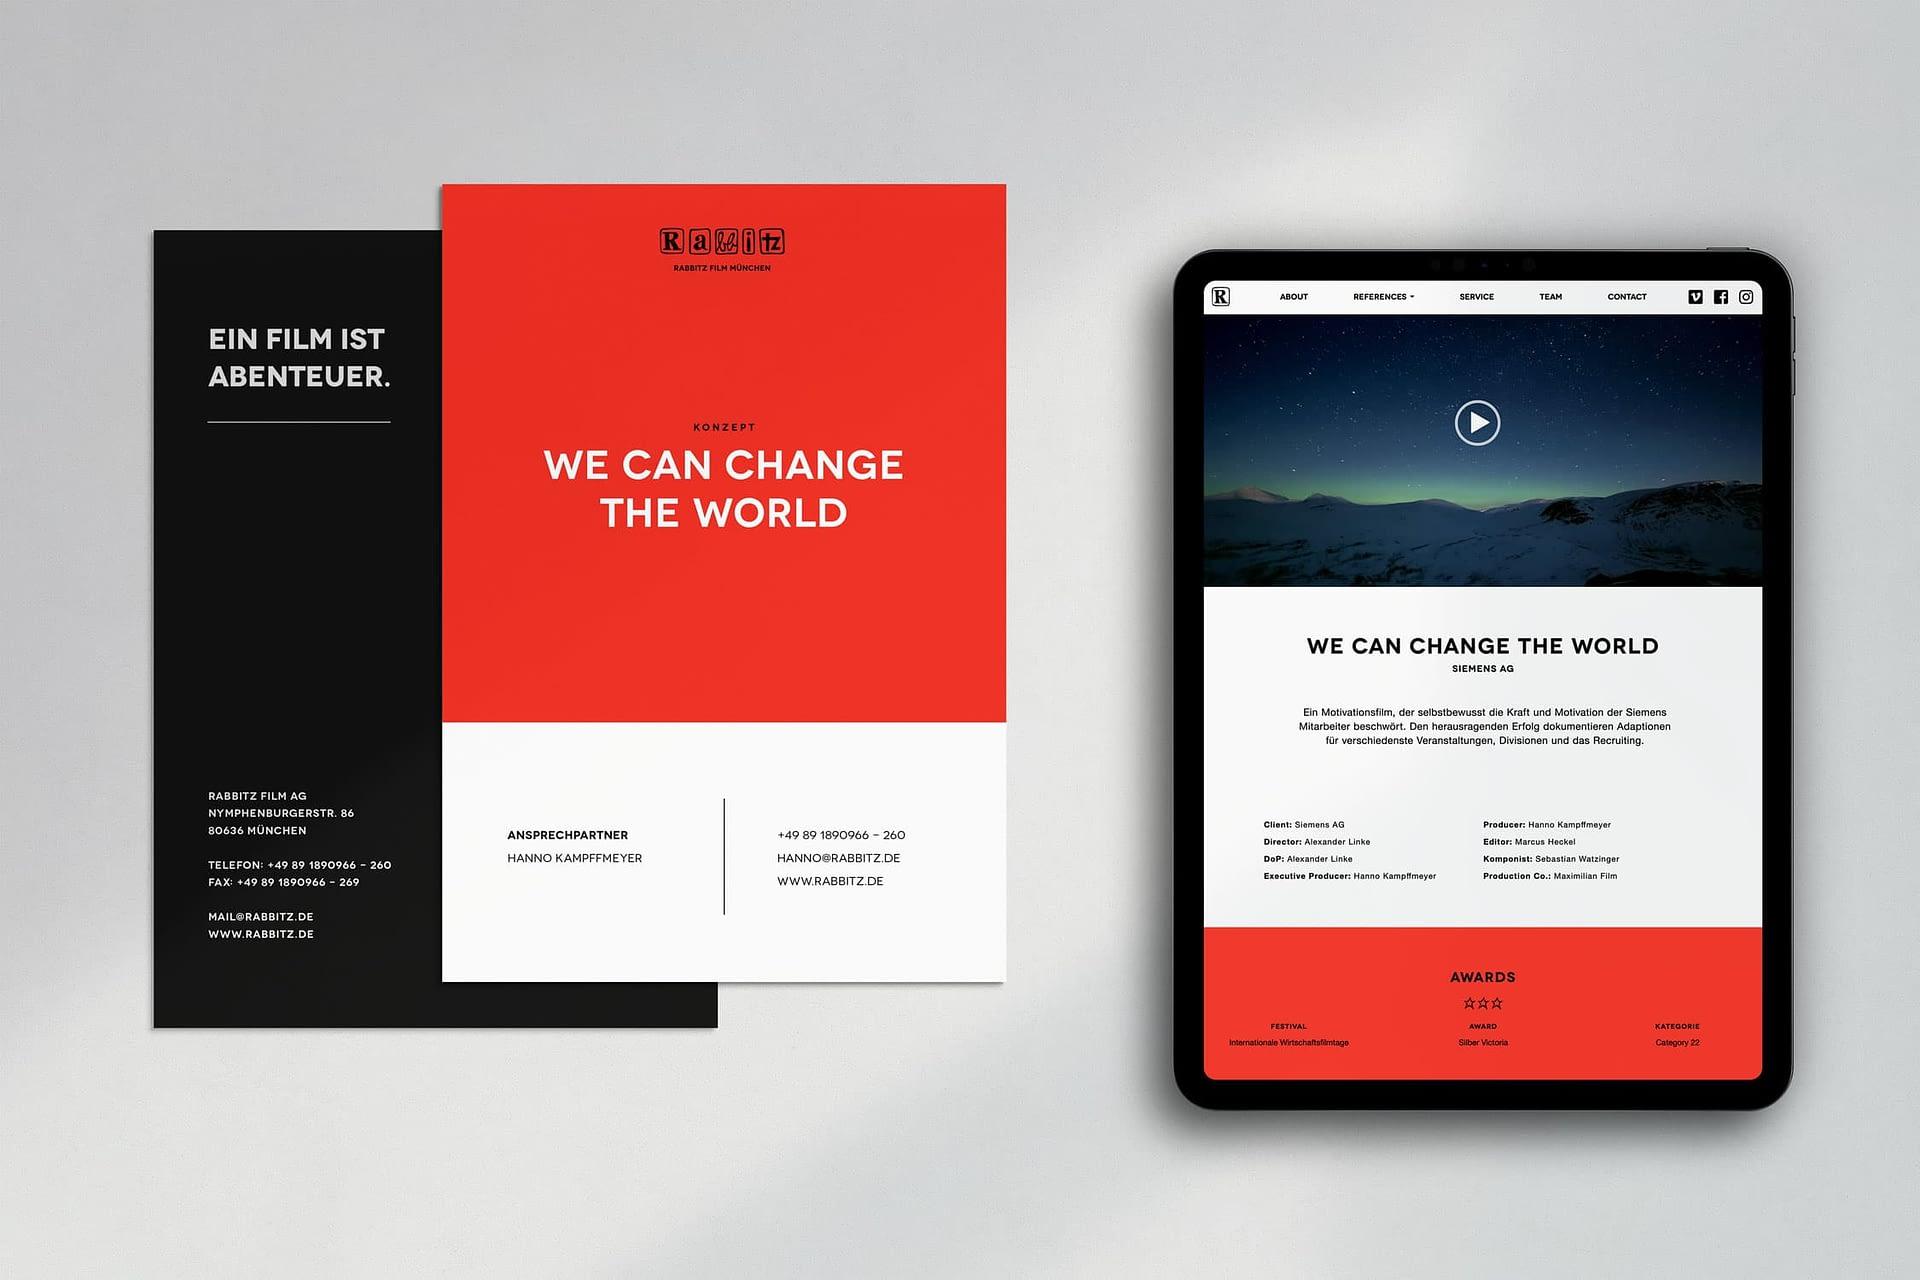 responsive webdesign für rabbitz